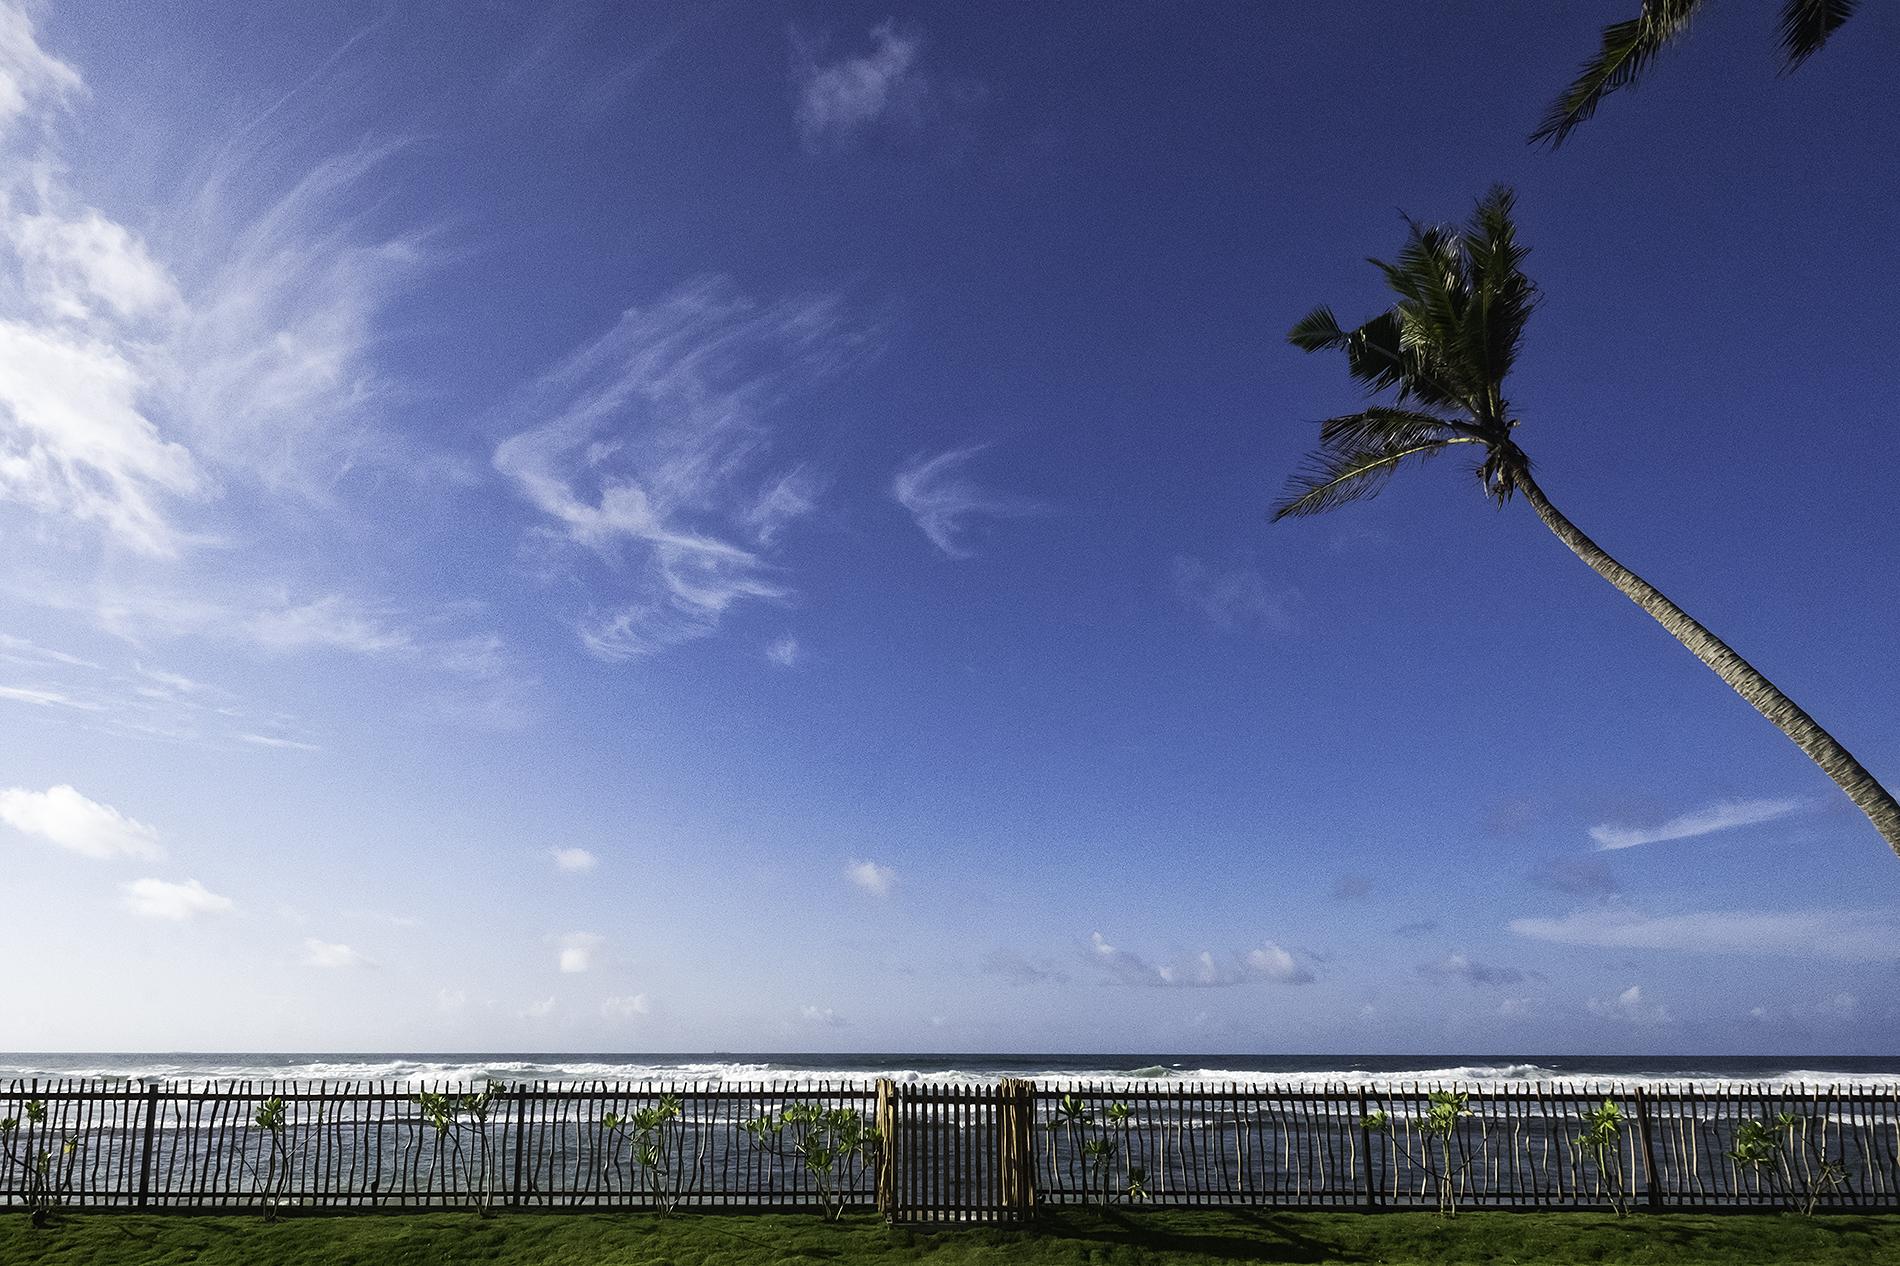 The huge blue skies of the Indian Ocean